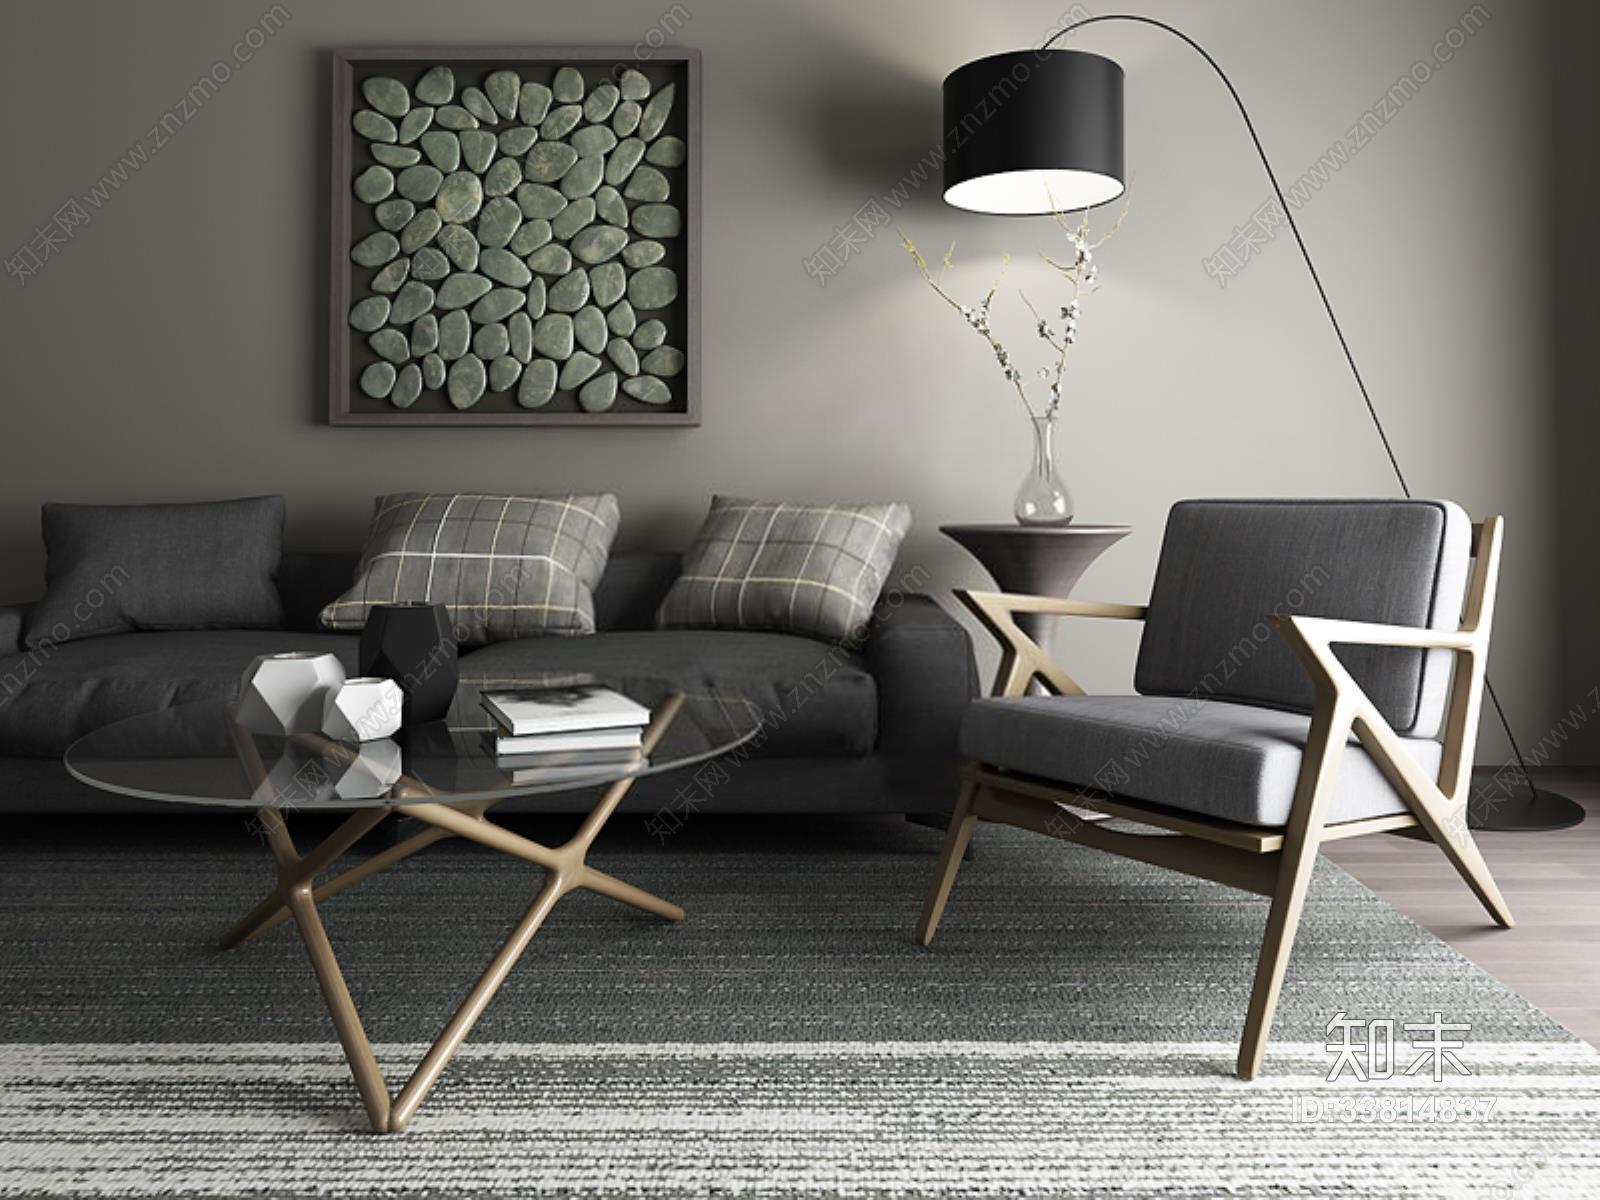 现代中式东南亚休闲椅沙发 现代休闲椅 双人沙发 落地灯 茶几 装饰画 摆件